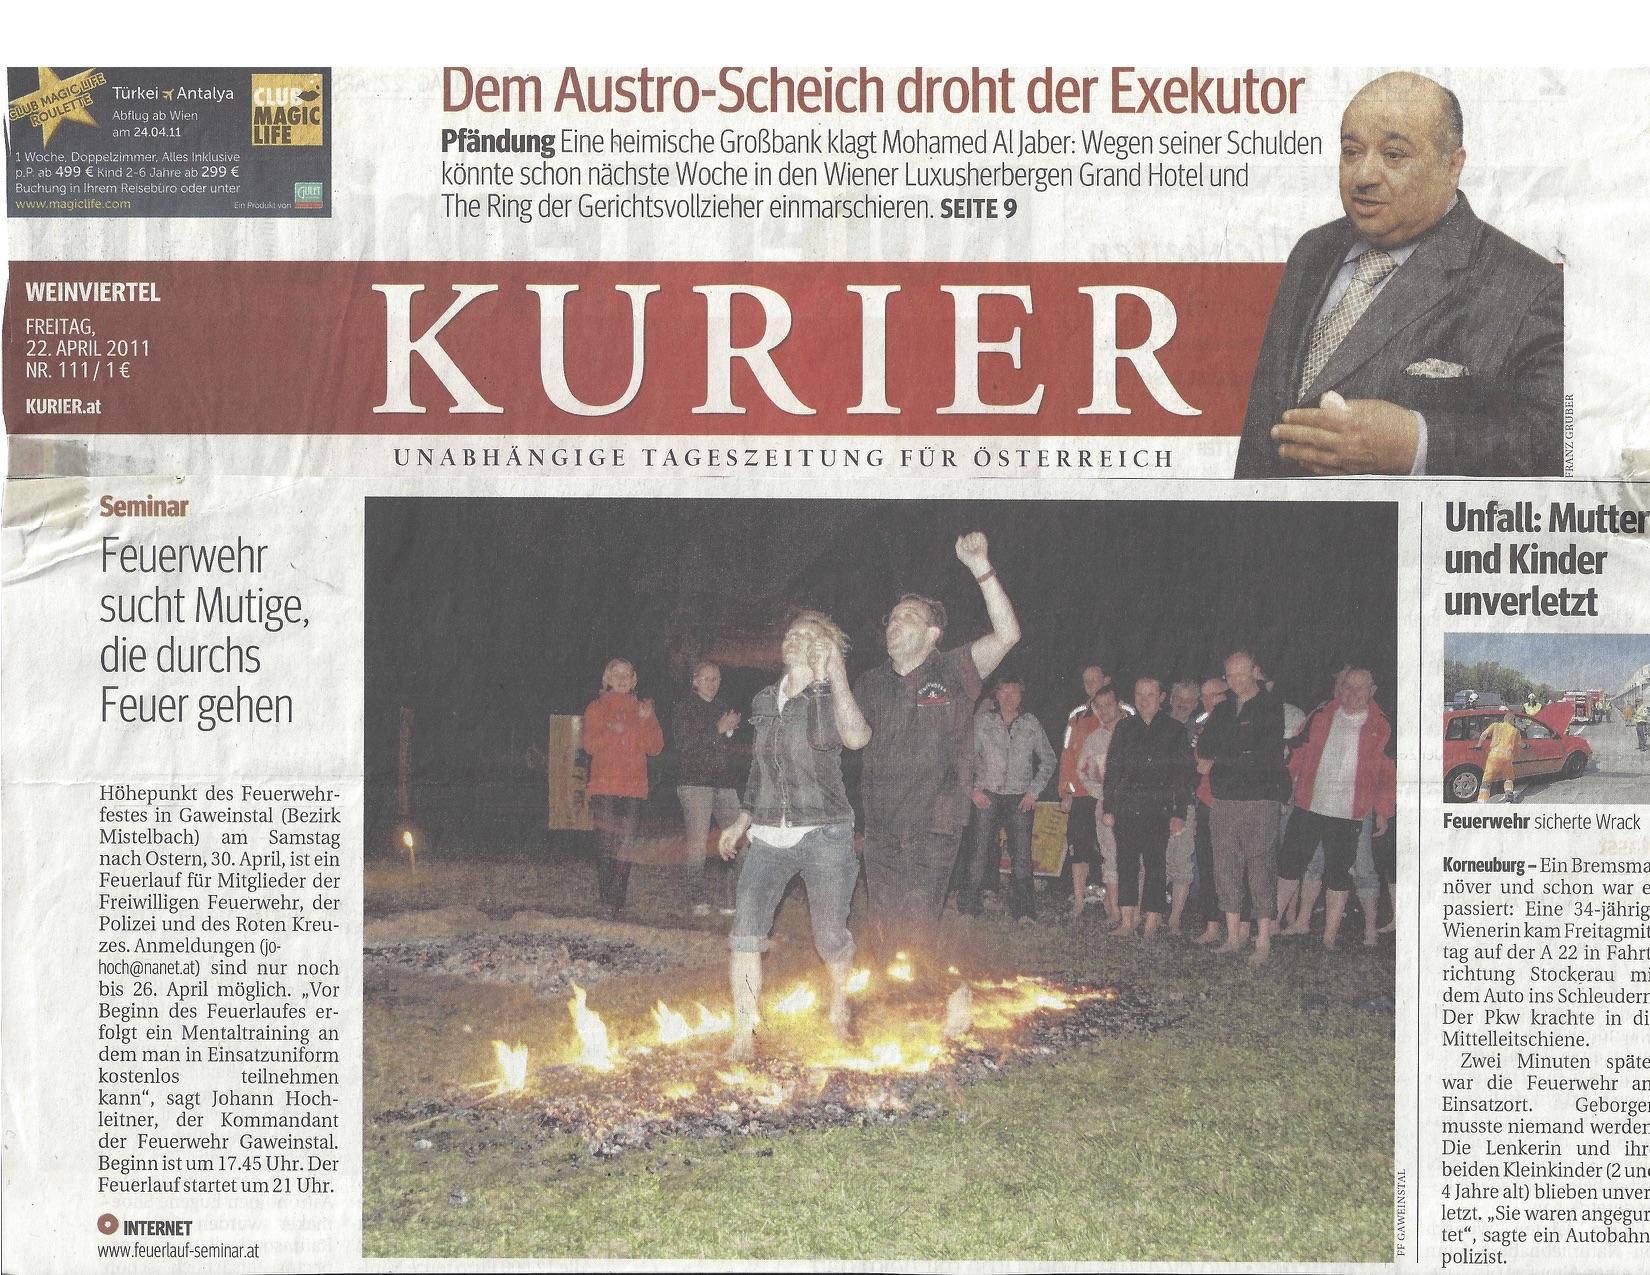 Höhepunkt des Feuerwehrfestes in Gaweinstal am Samstag nach Ostern, 30. April 2011, war ein Feuerlauf für die Mitglieder der Freiwilligen Feuerwehr, der Polizei und des Roten Kreuzes.